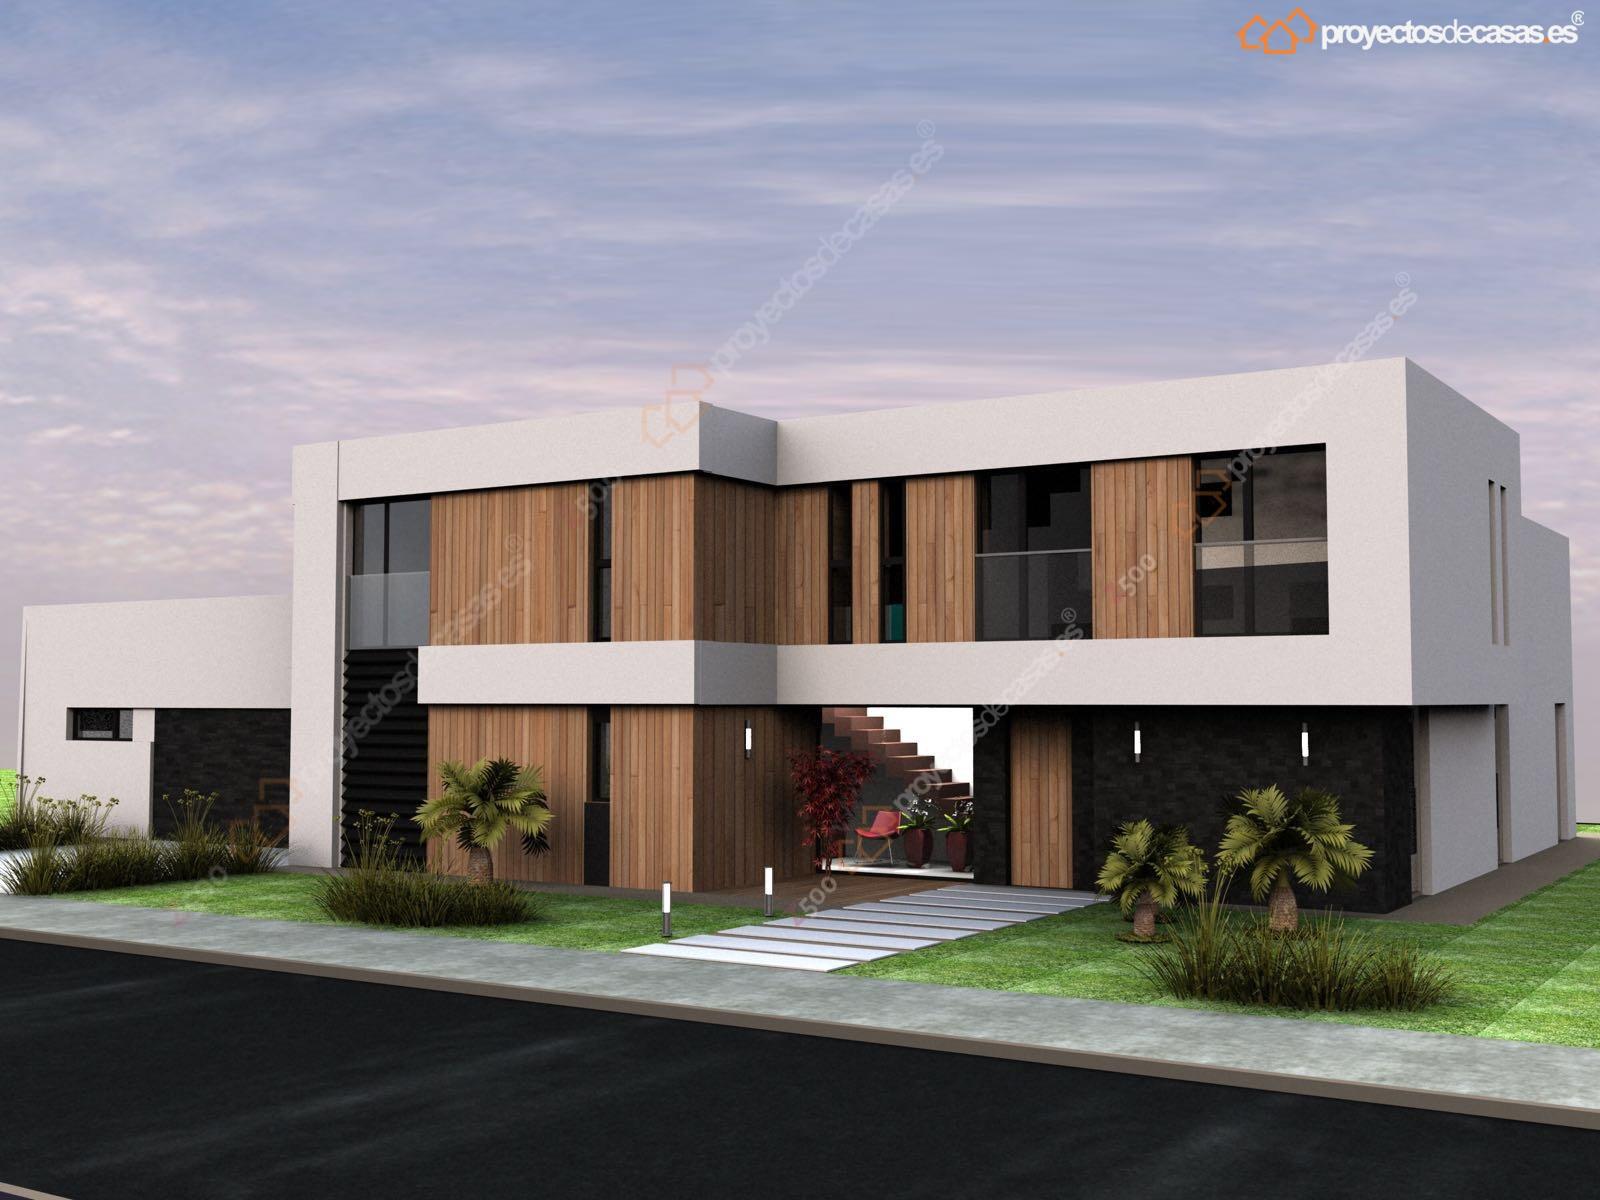 Proyectos de casas dise o y construcci n de casas for Plantas de viviendas modernas